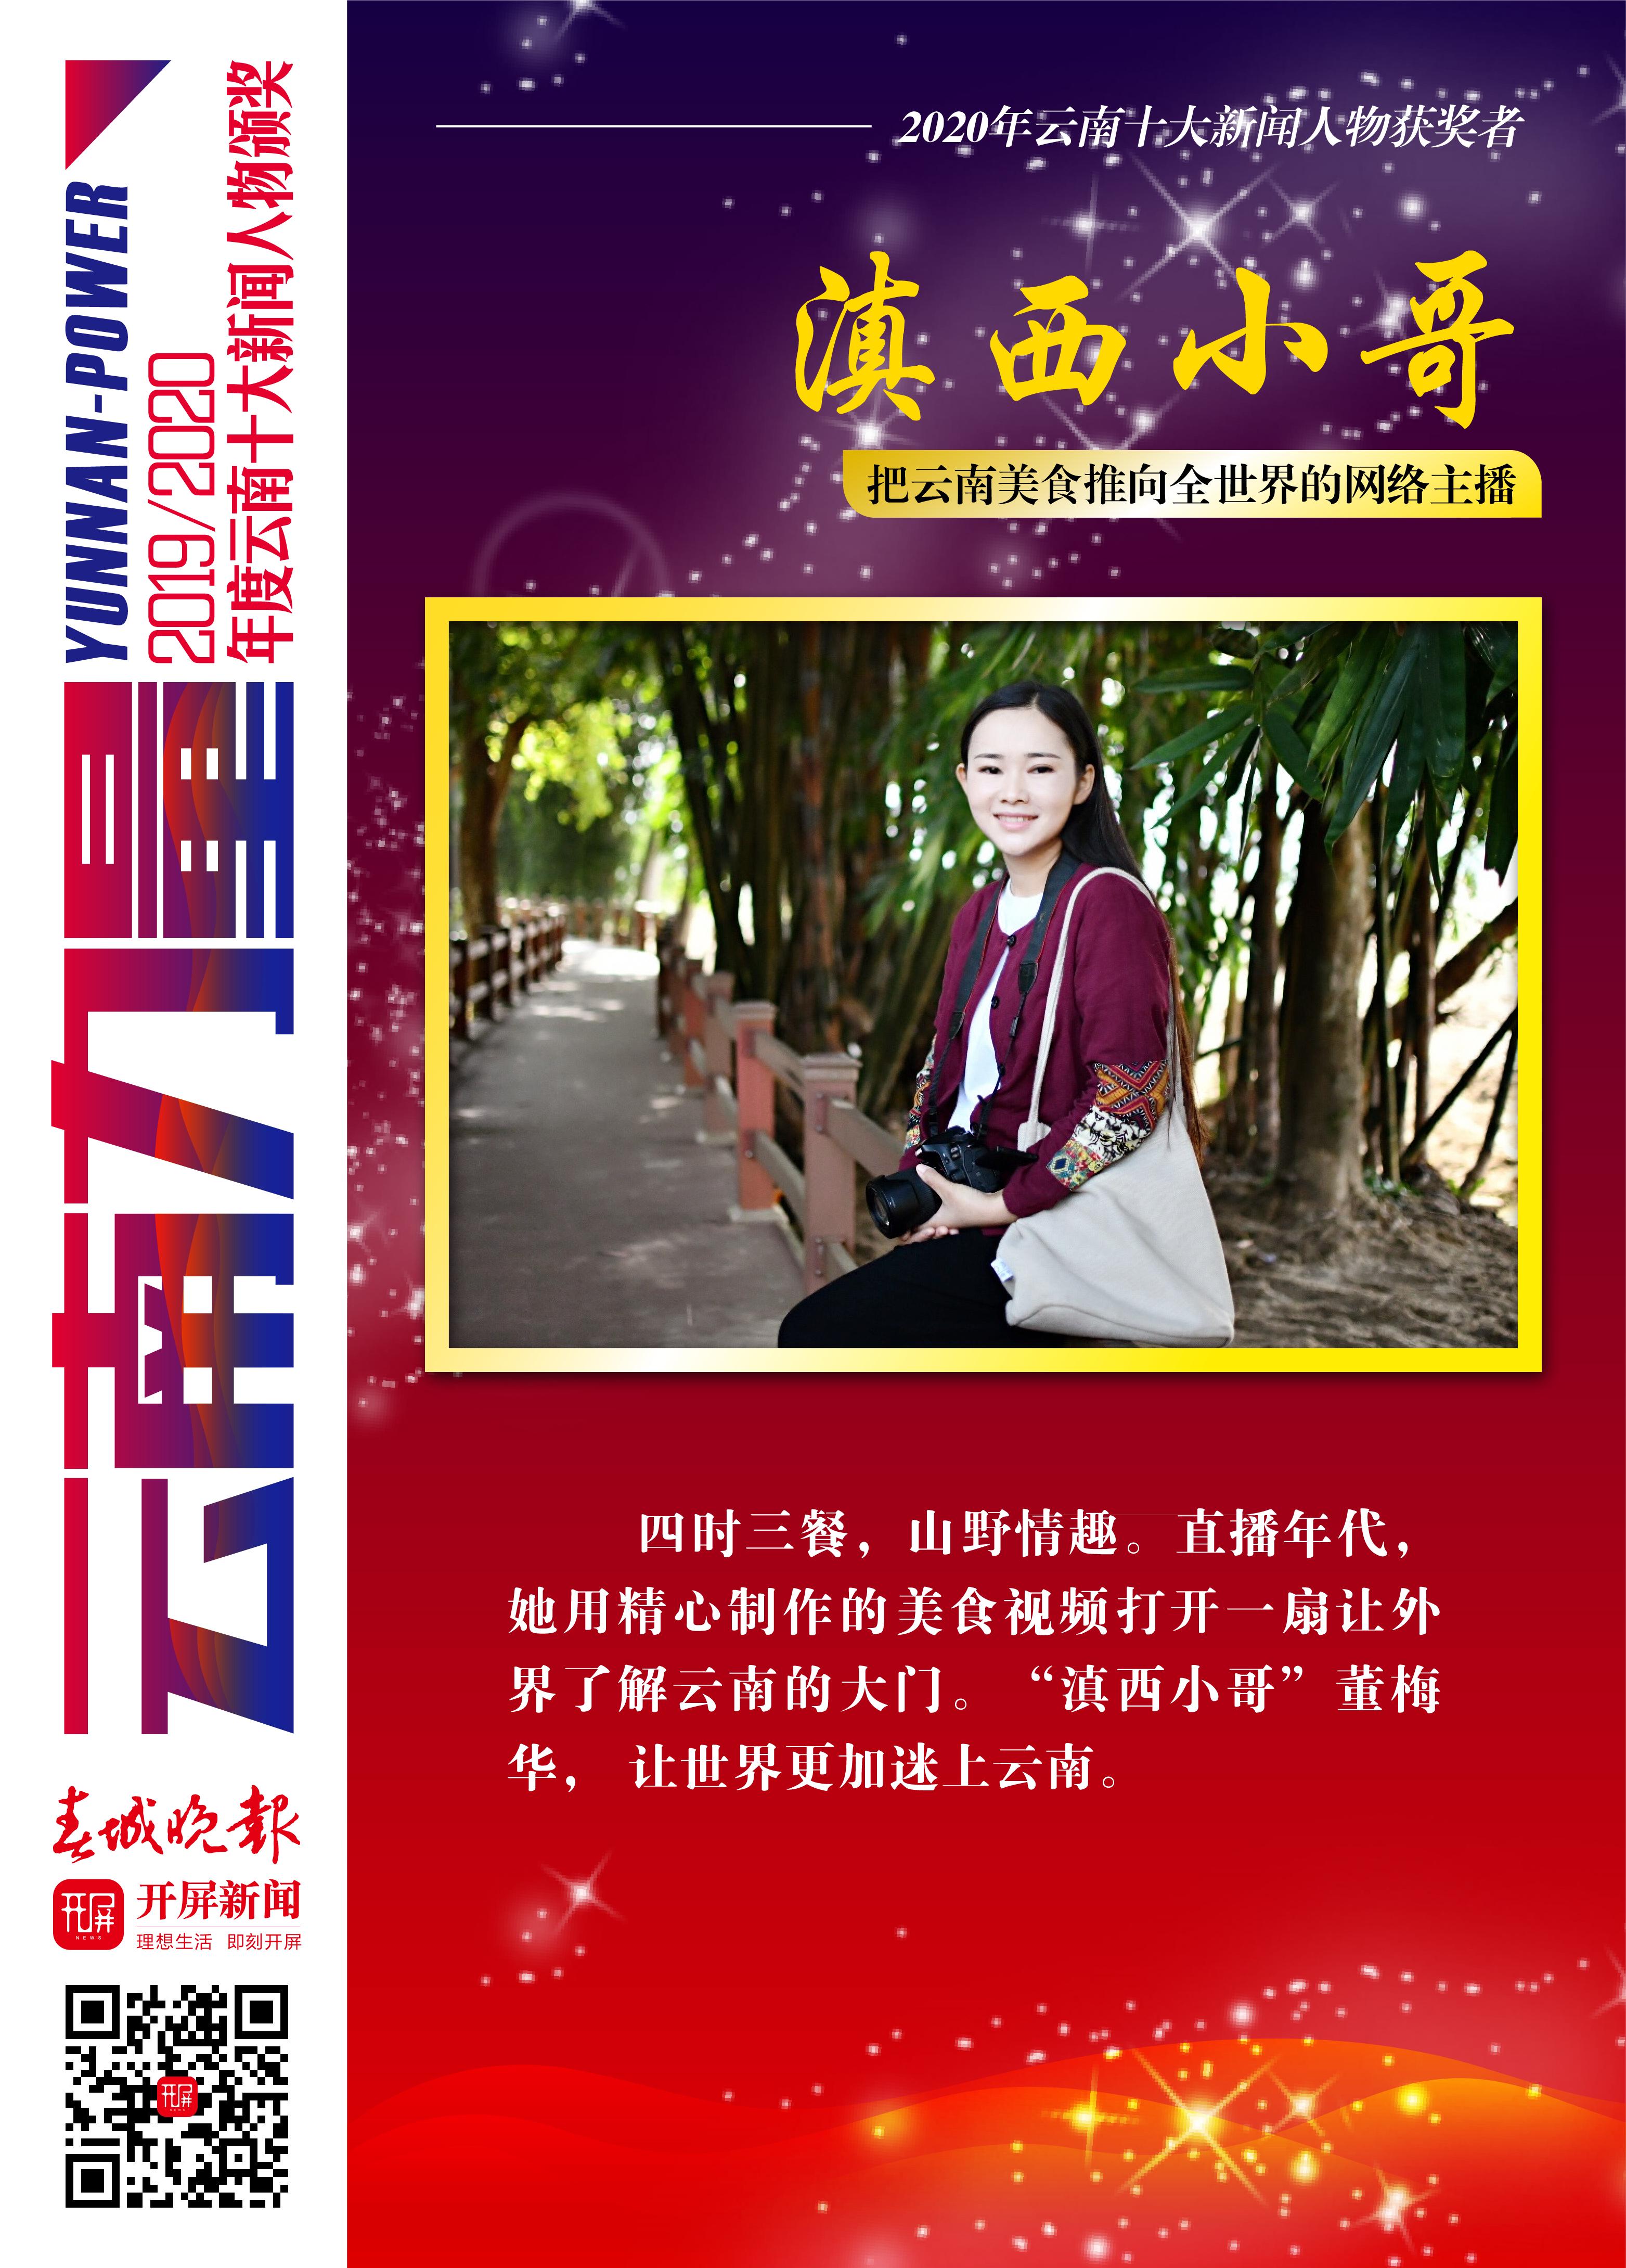 2020新闻人物海报_09滇西小哥.jpg